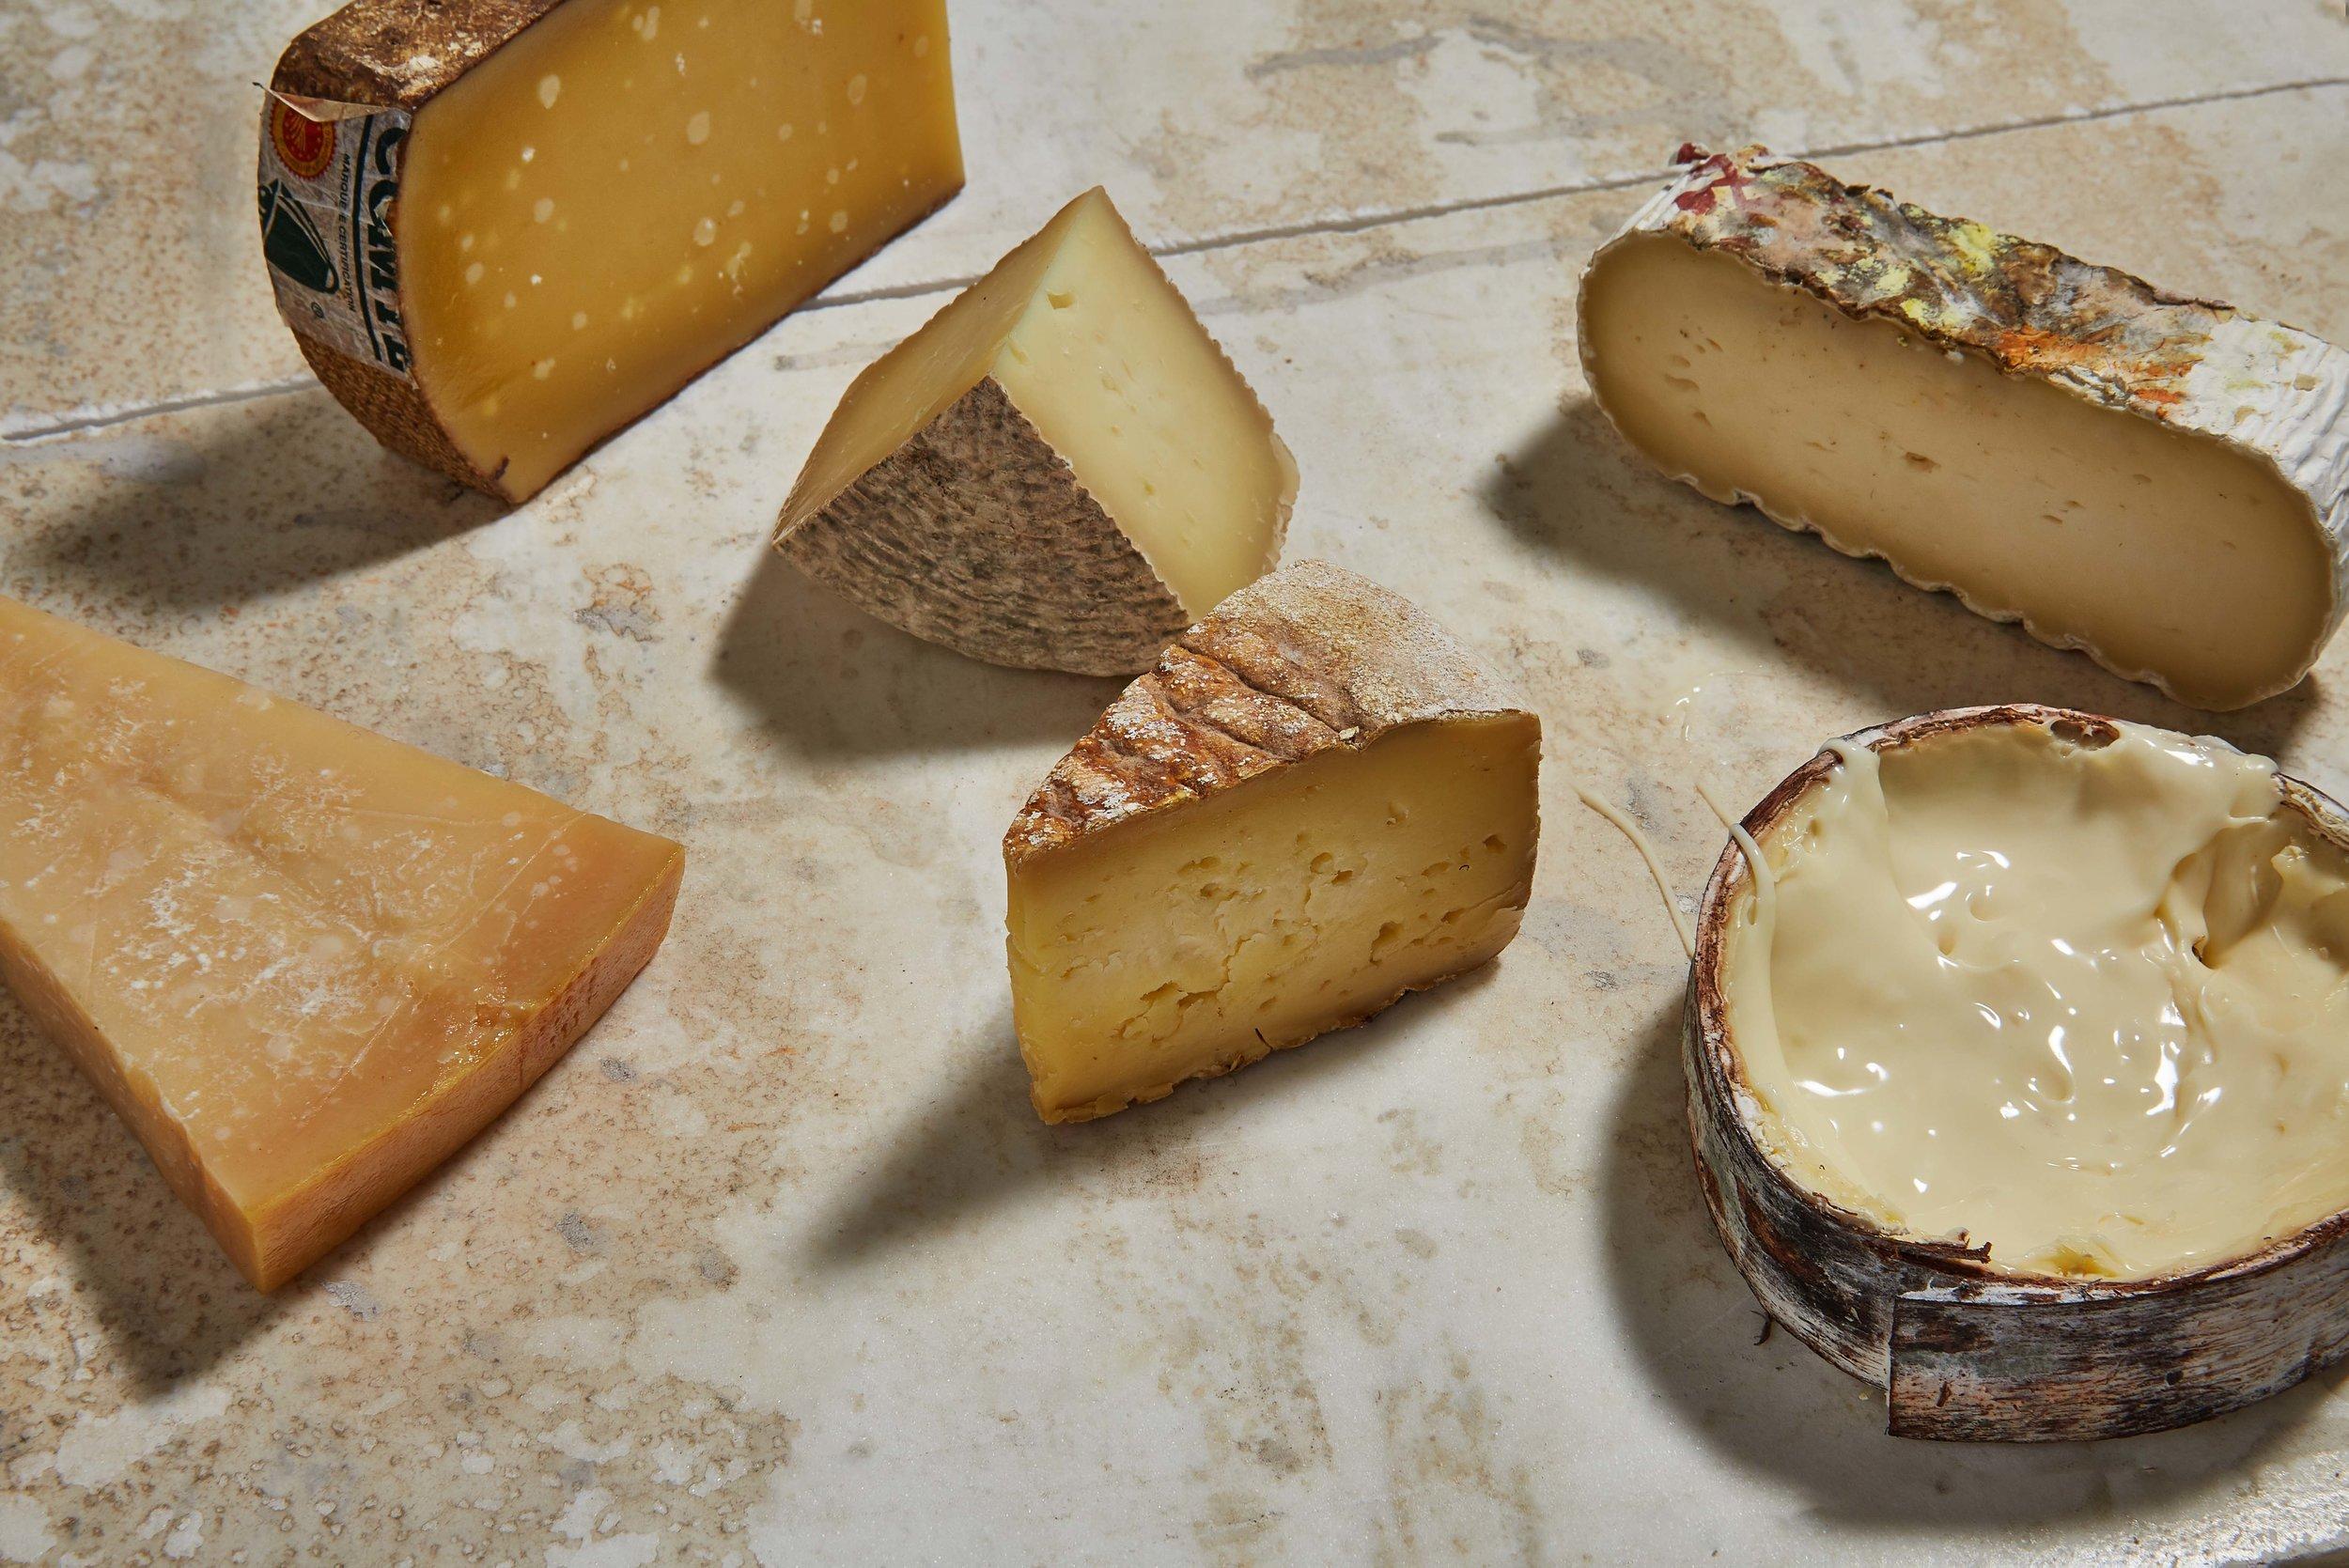 cheese-no-branding-1.jpg